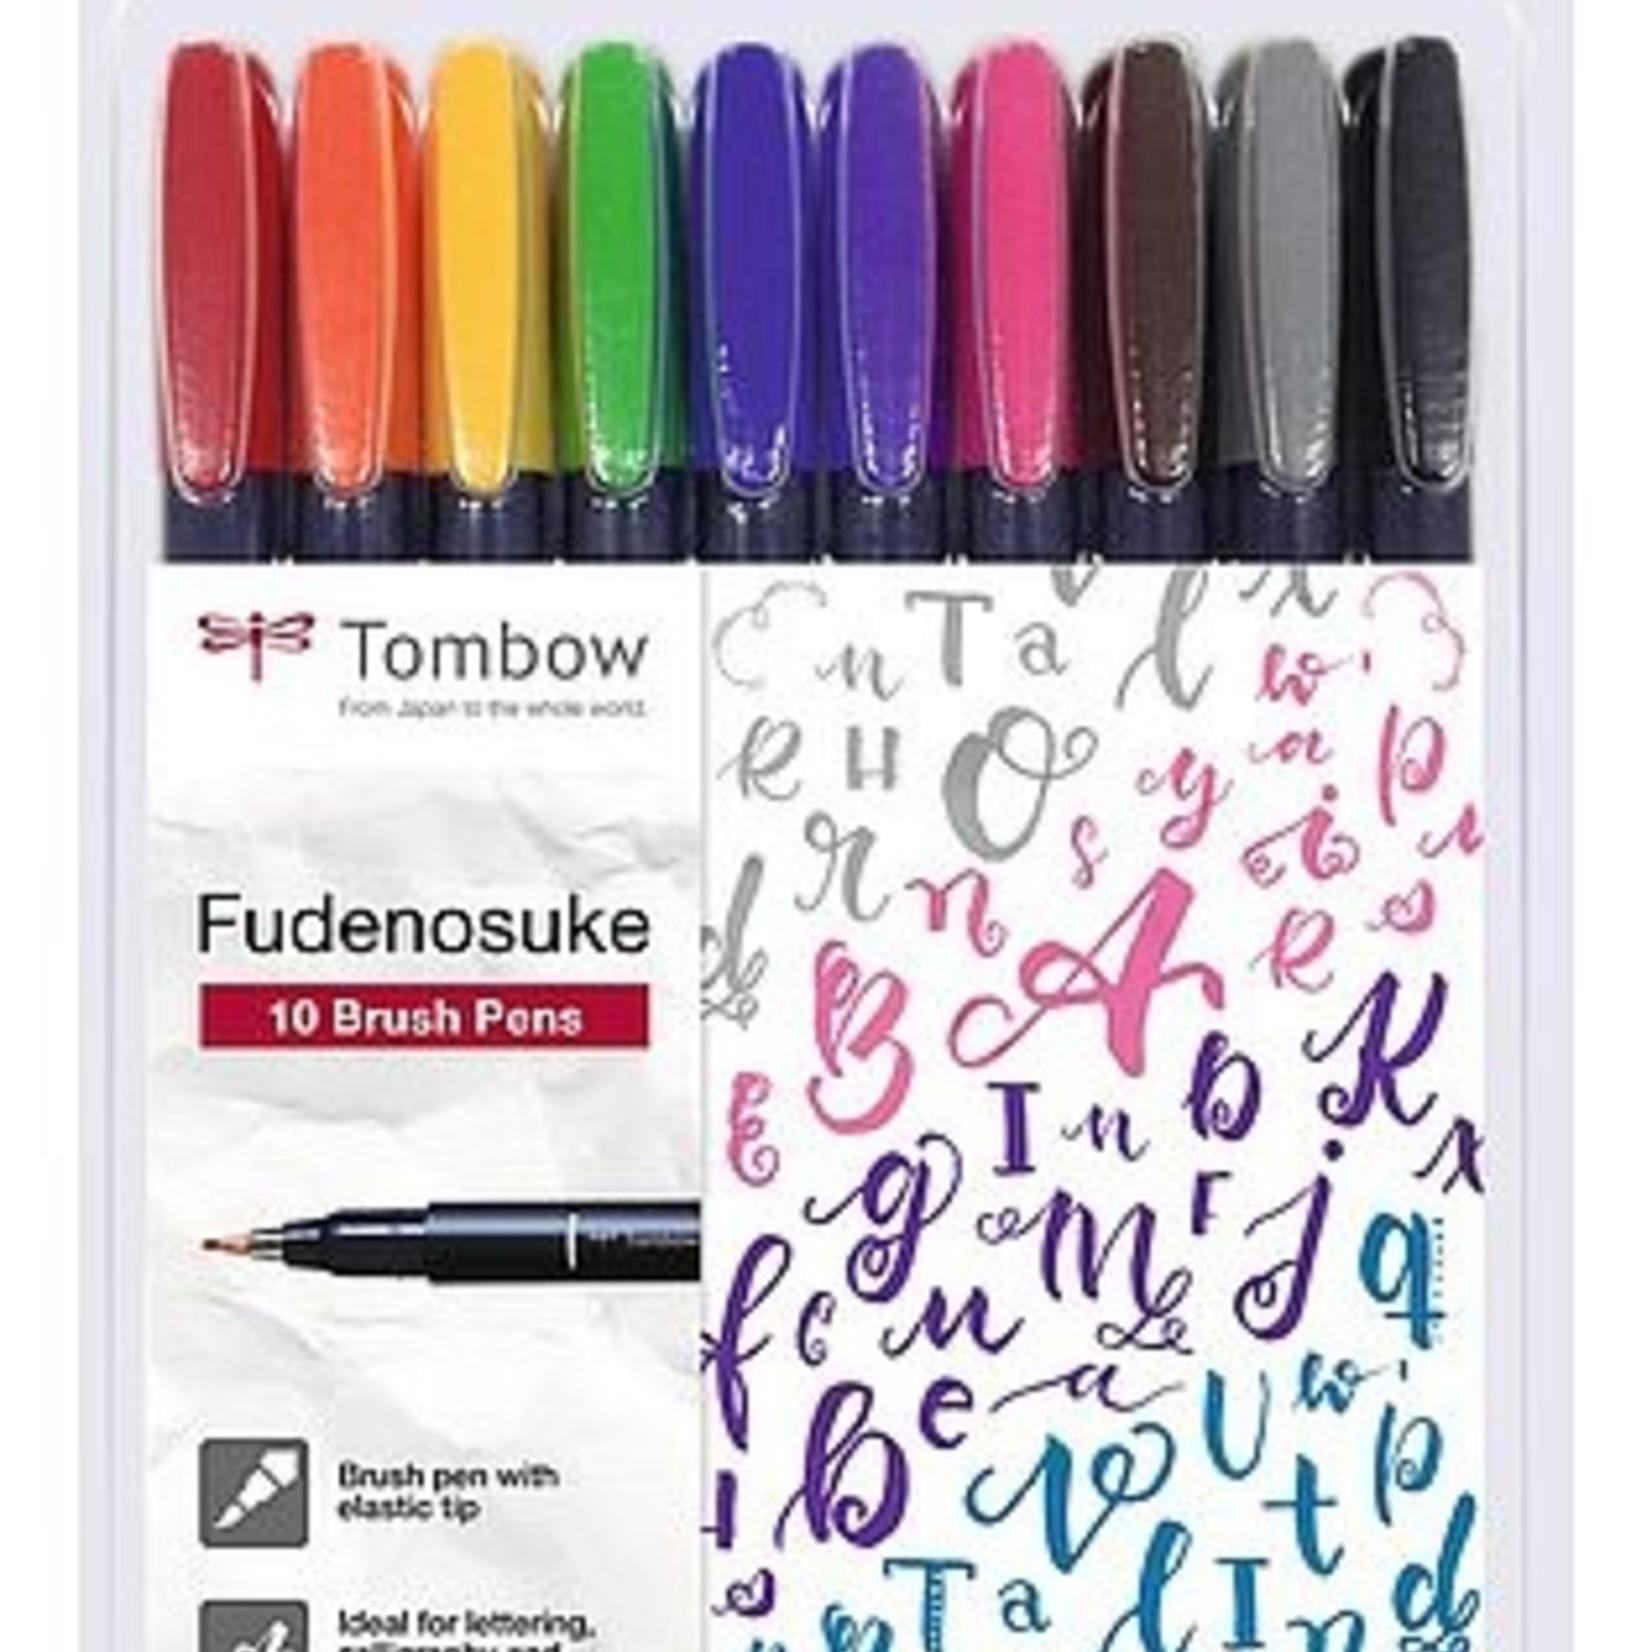 Tombow Fudenosuke Pen  harte Spitze, Etui 10 Farben